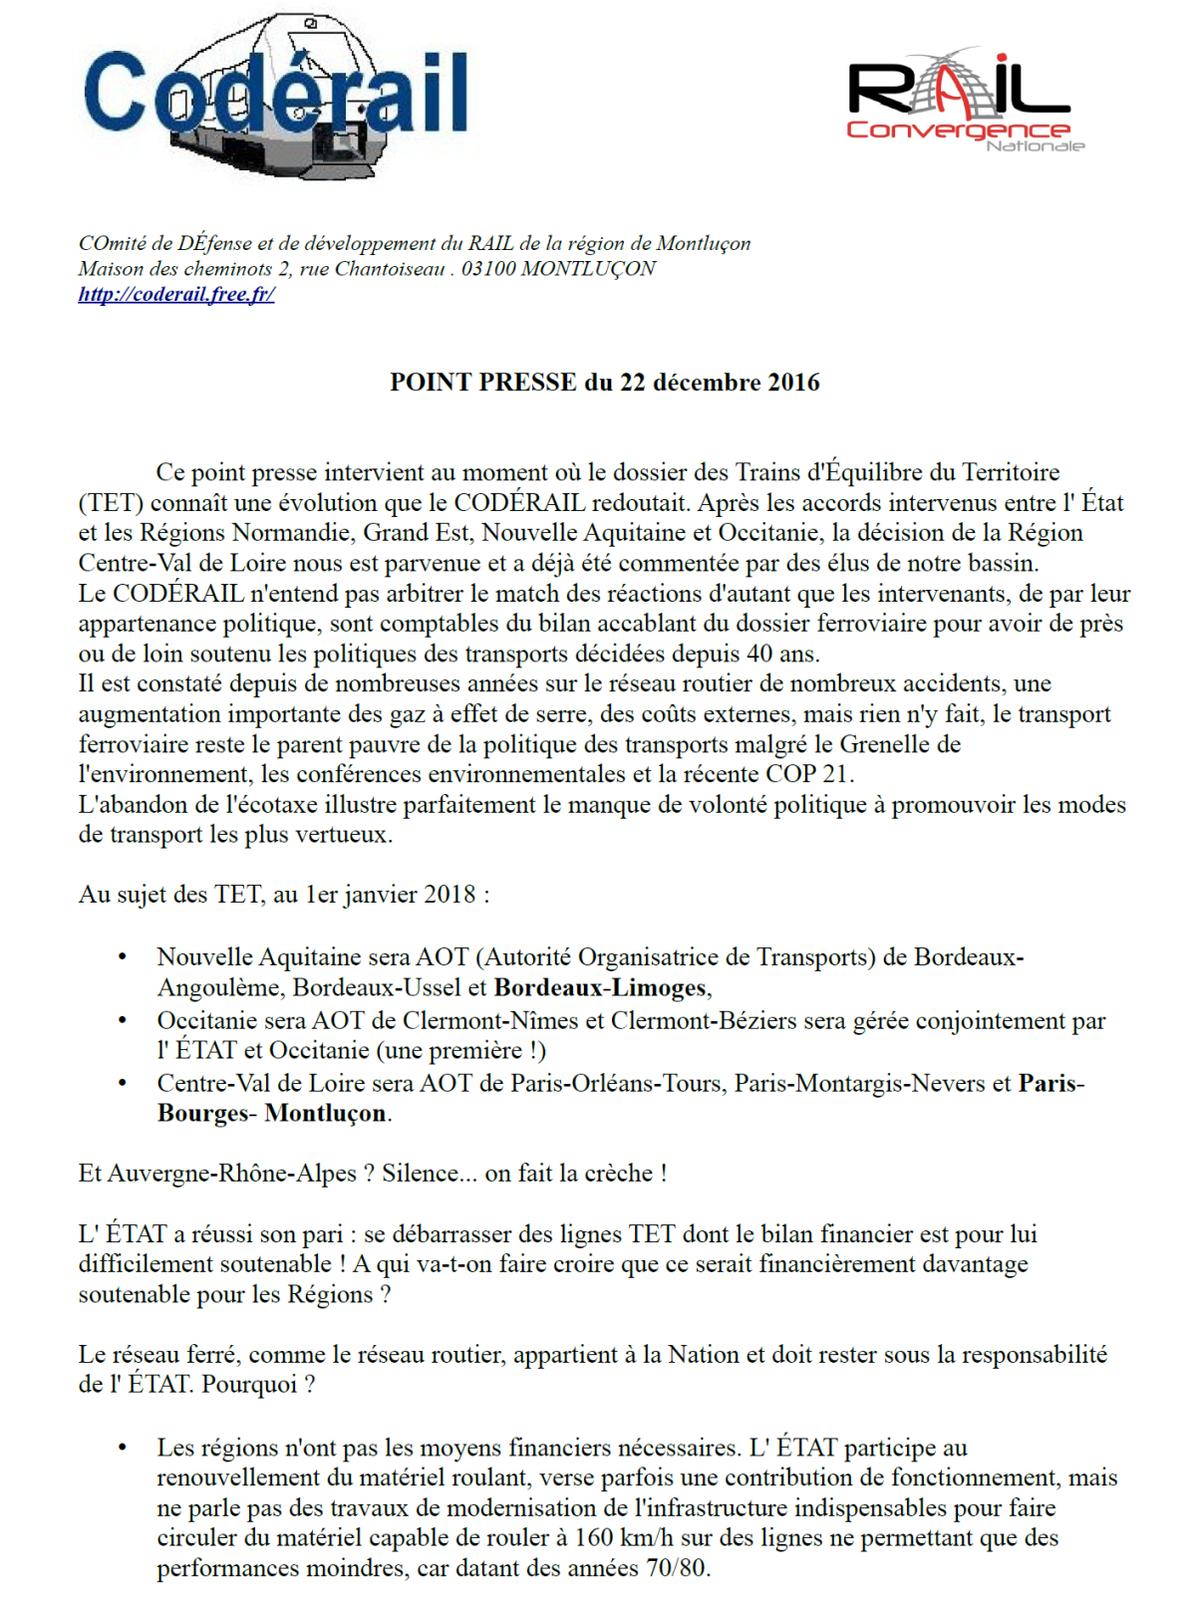 Pour le CODERAIL, l'accord entre l'État et la Région centre n'améliorera pas la desserte de Montluçon